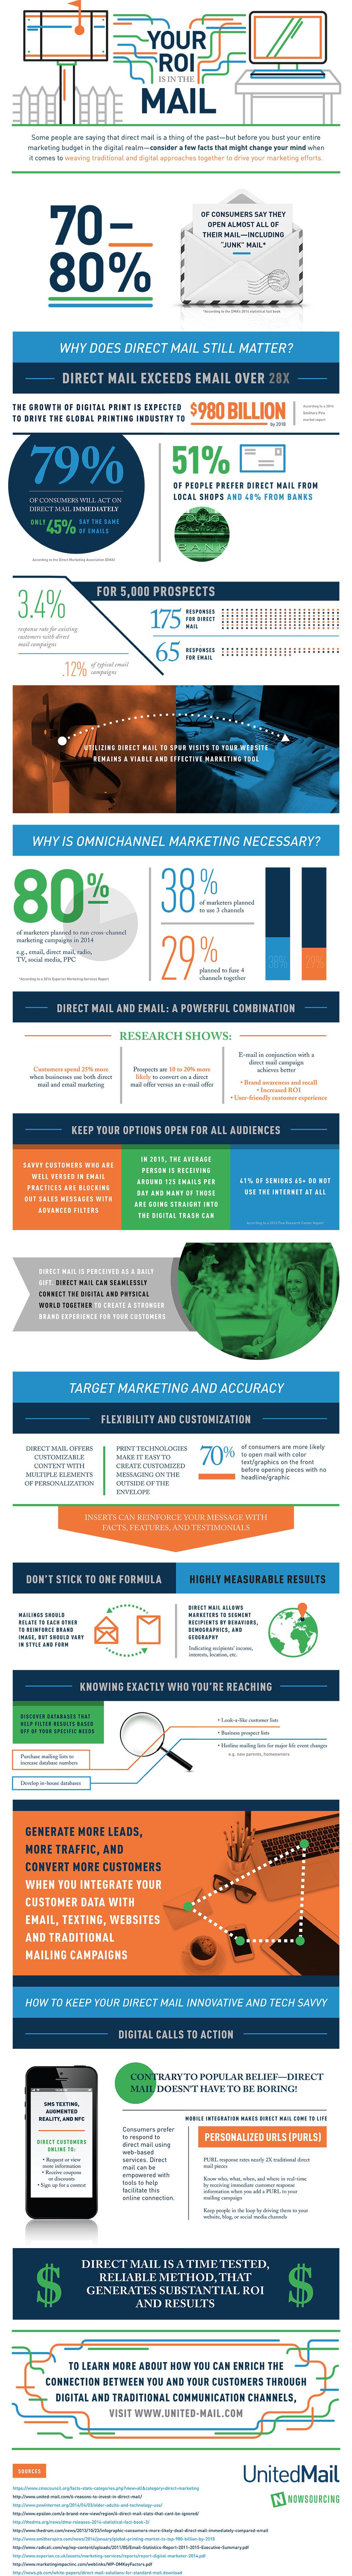 Direct Mail Infographic Drukwerk